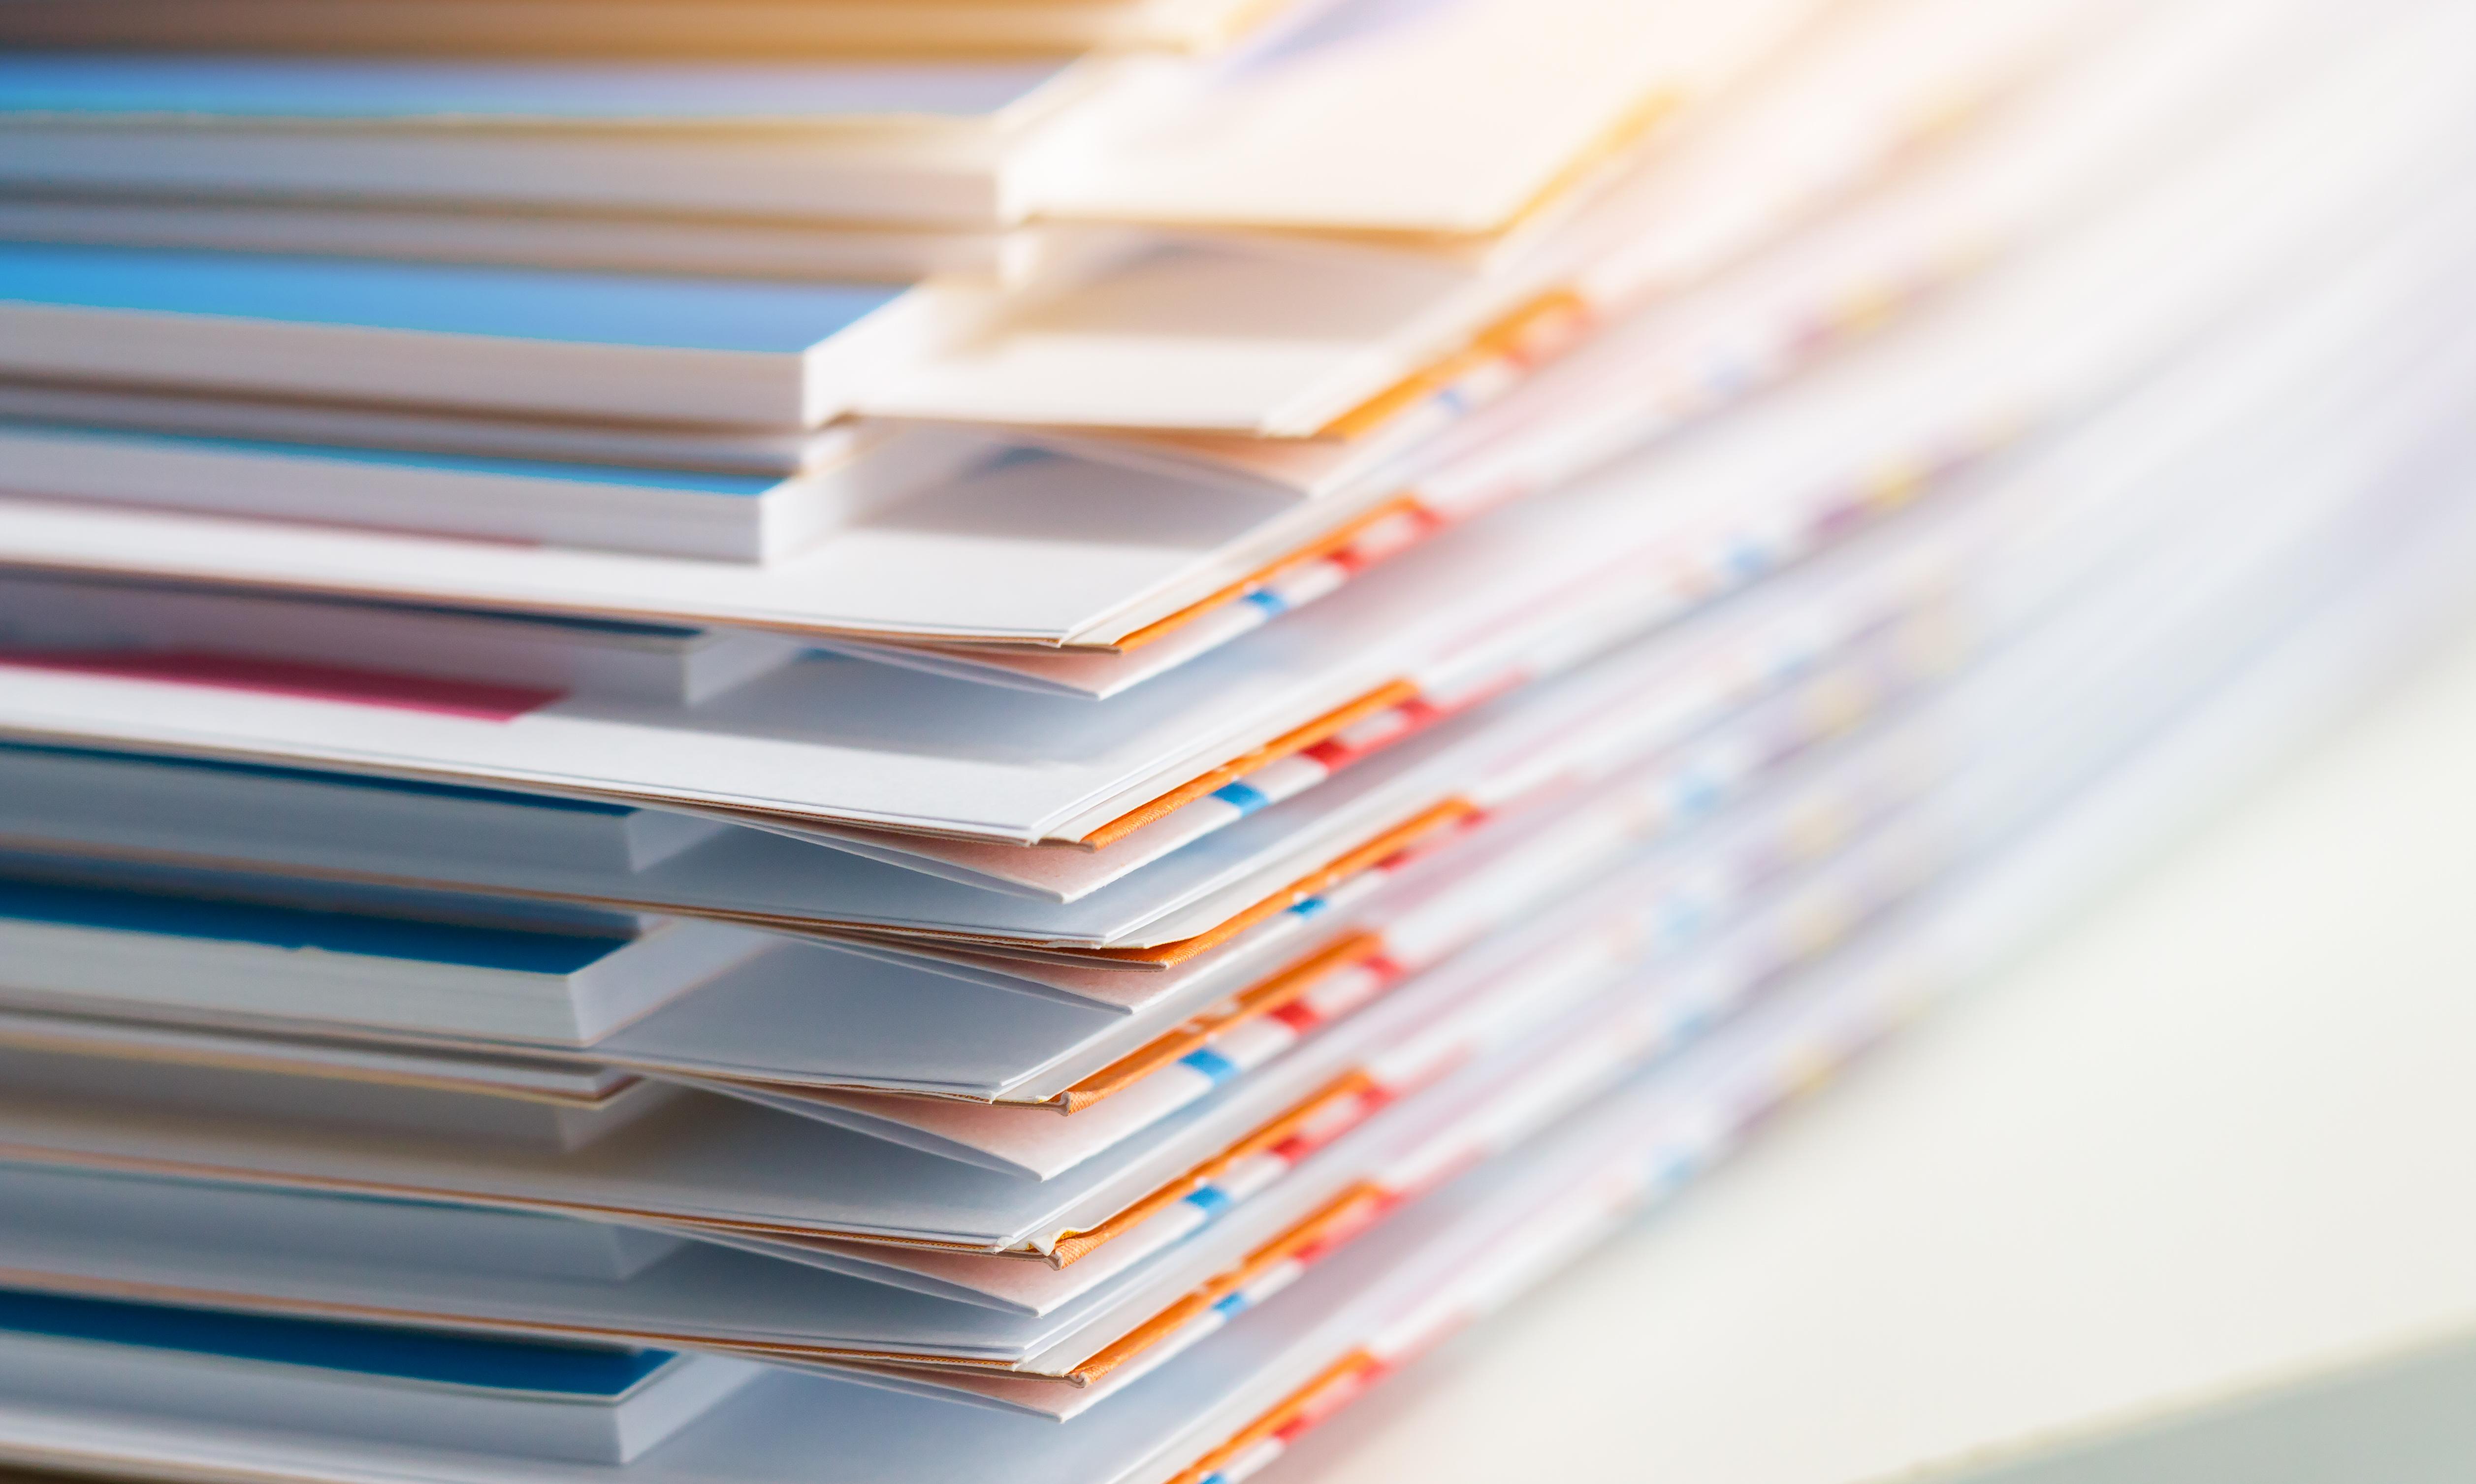 税務調査・帳簿の保管期間